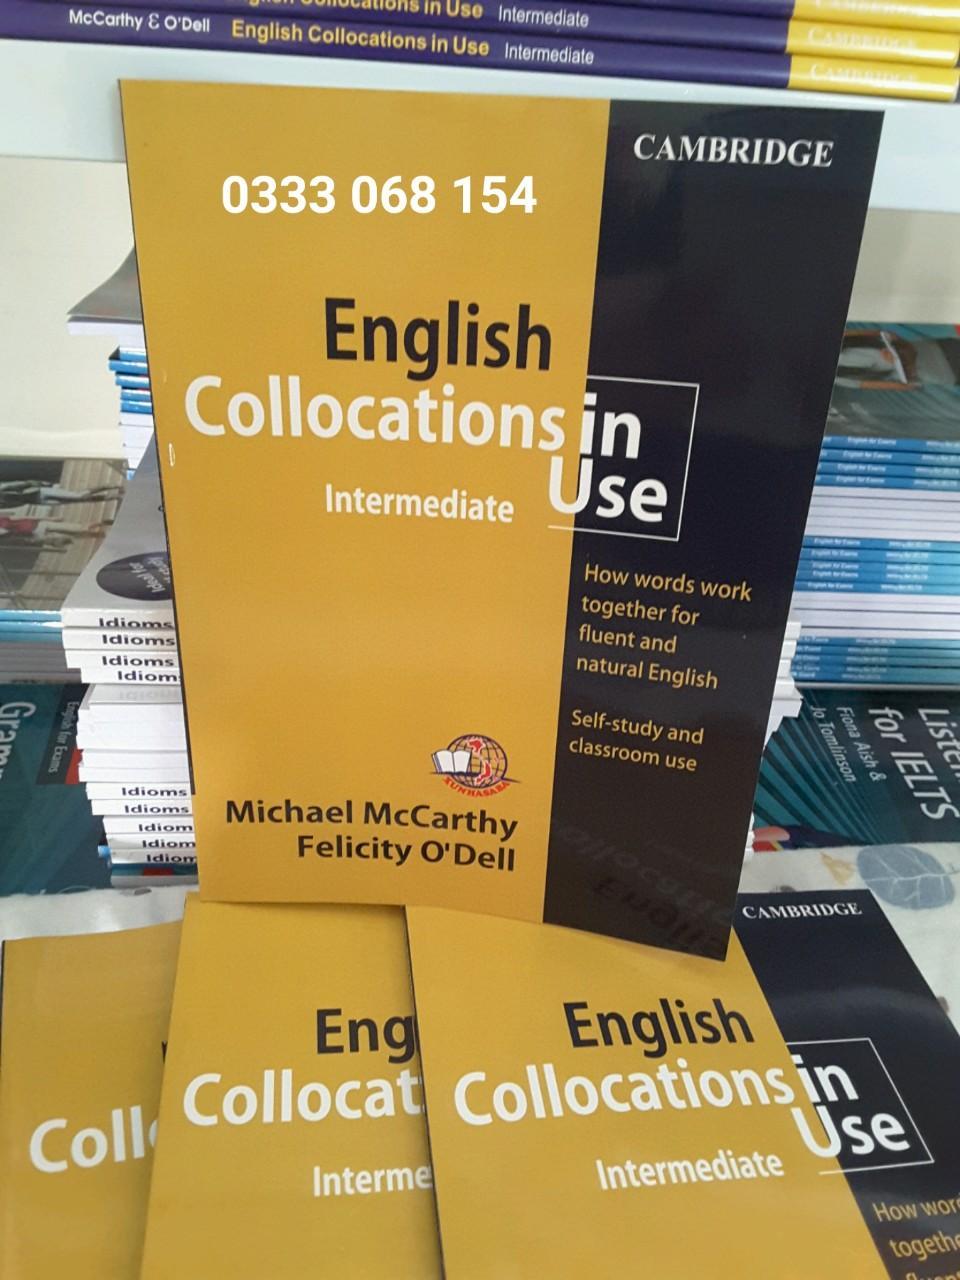 English Collocation In Use - Intermediate